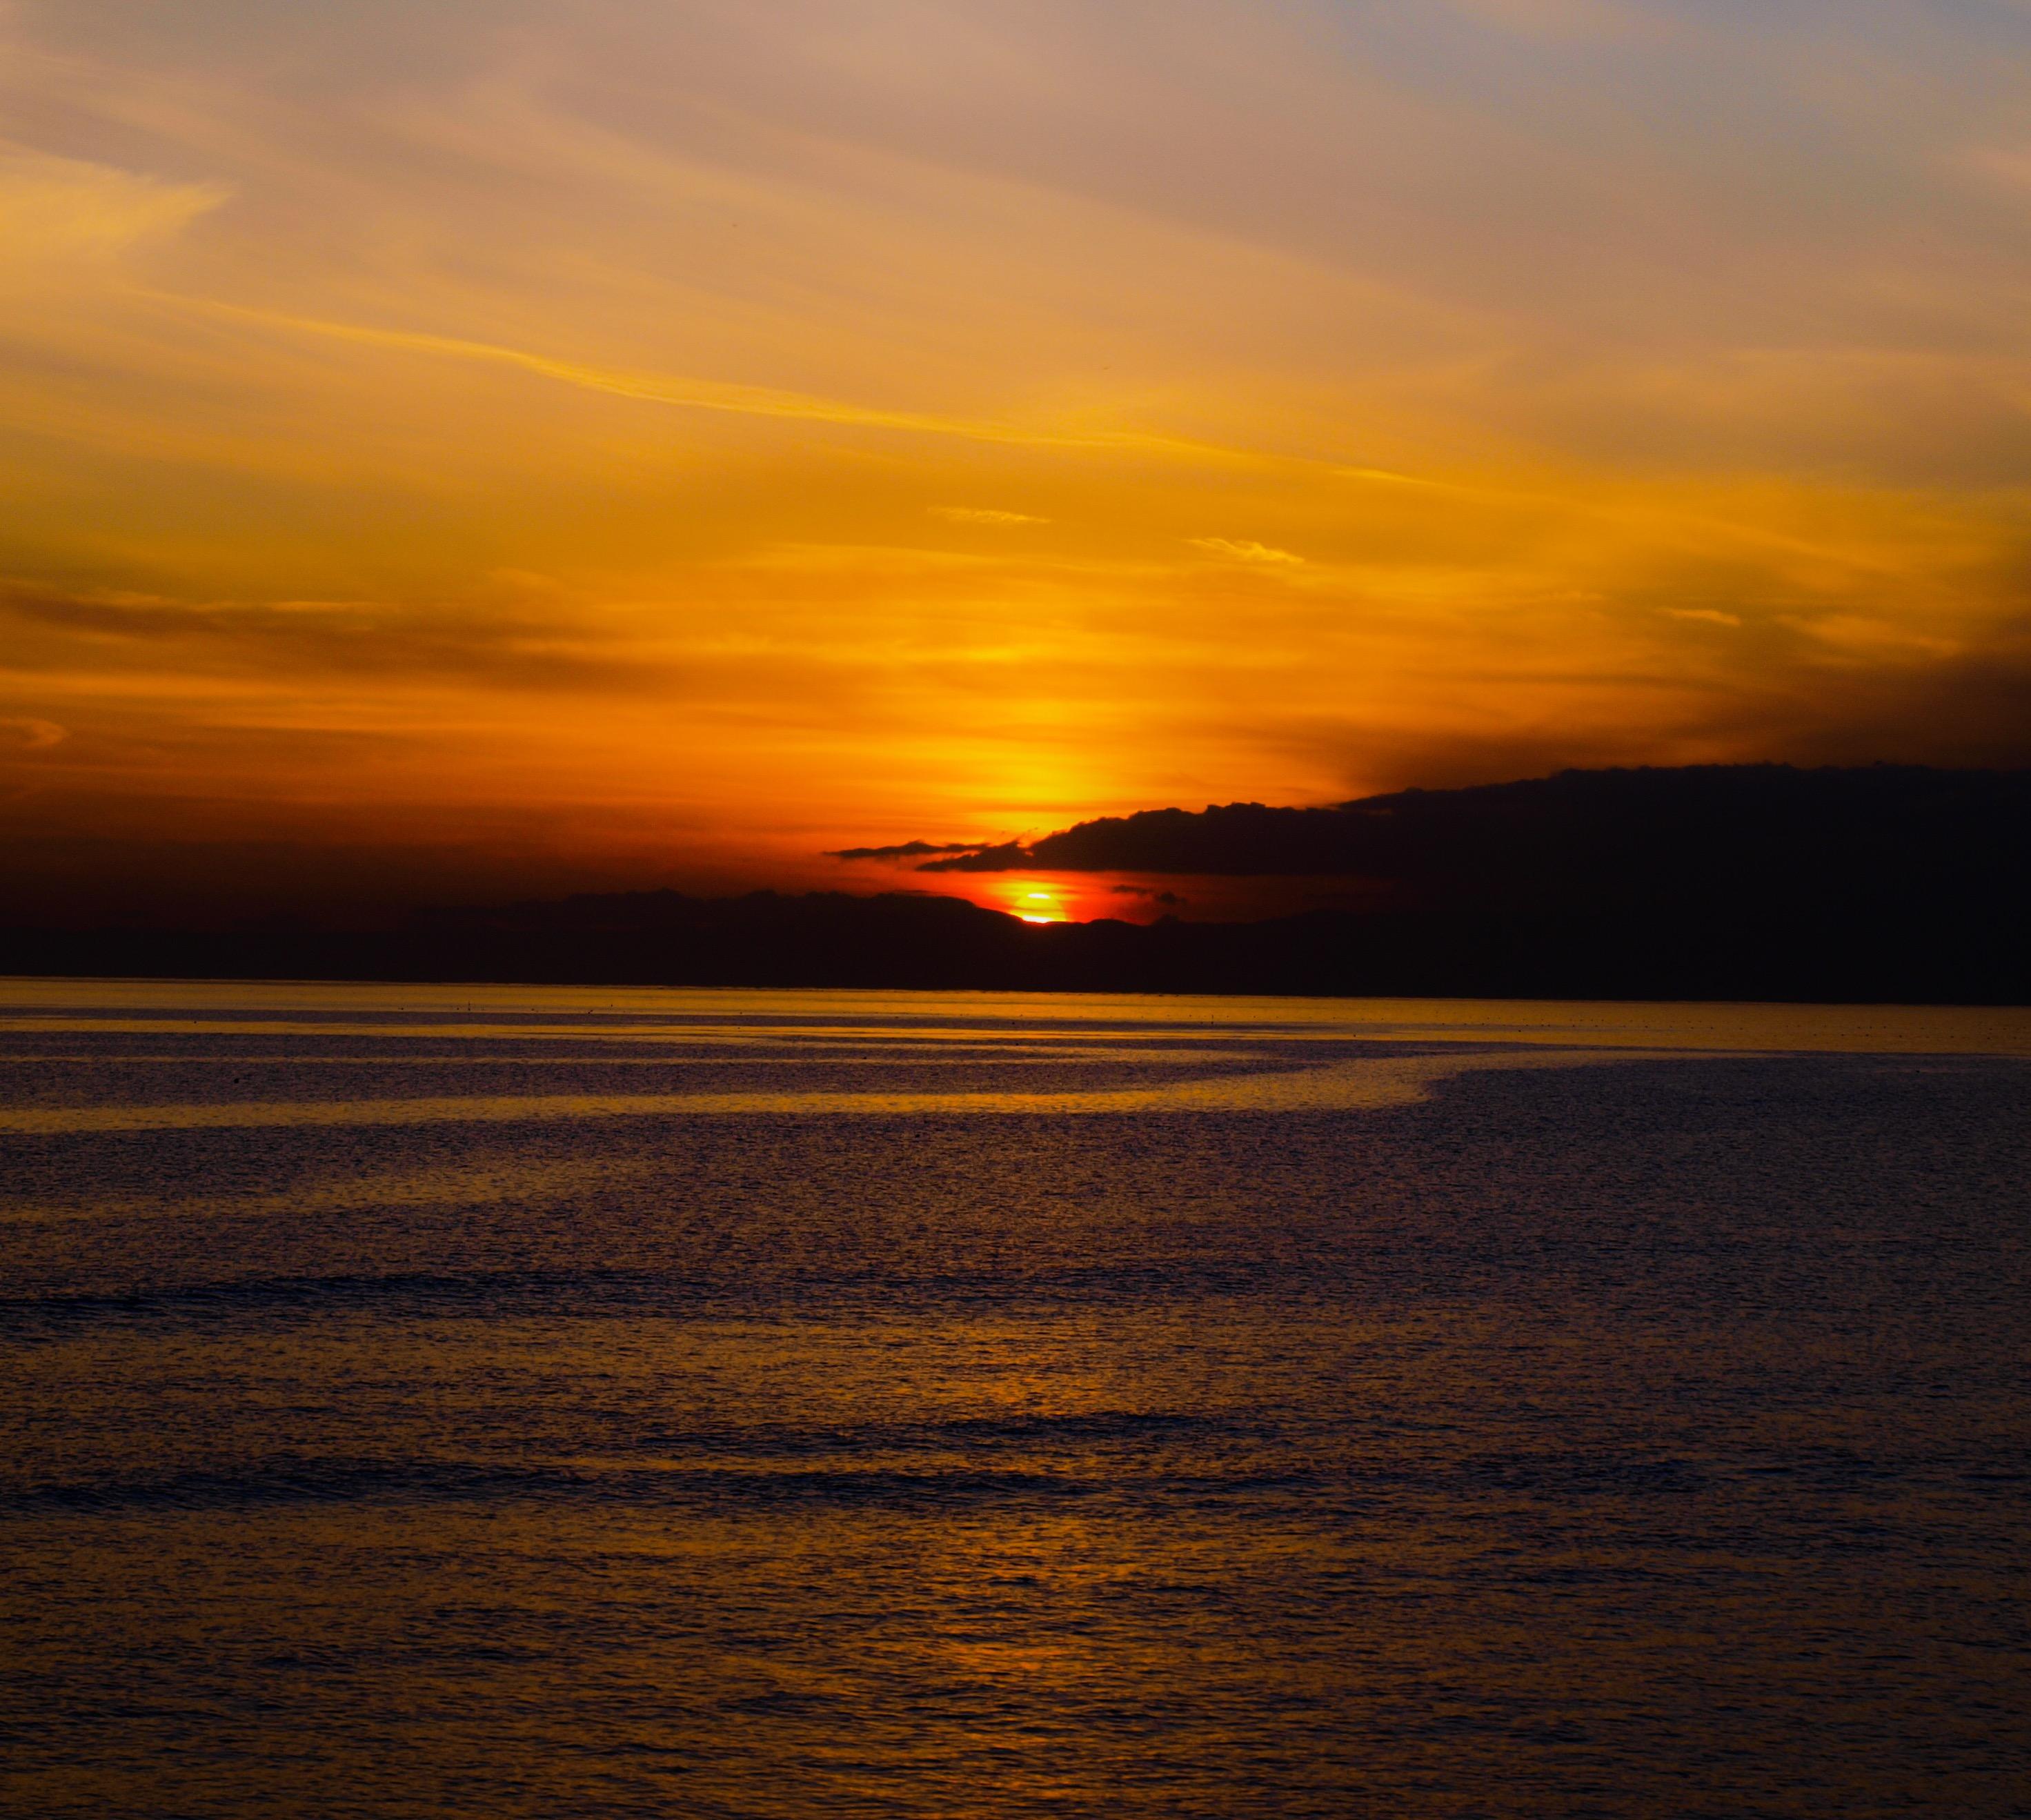 黄金色の夕陽が沈む海